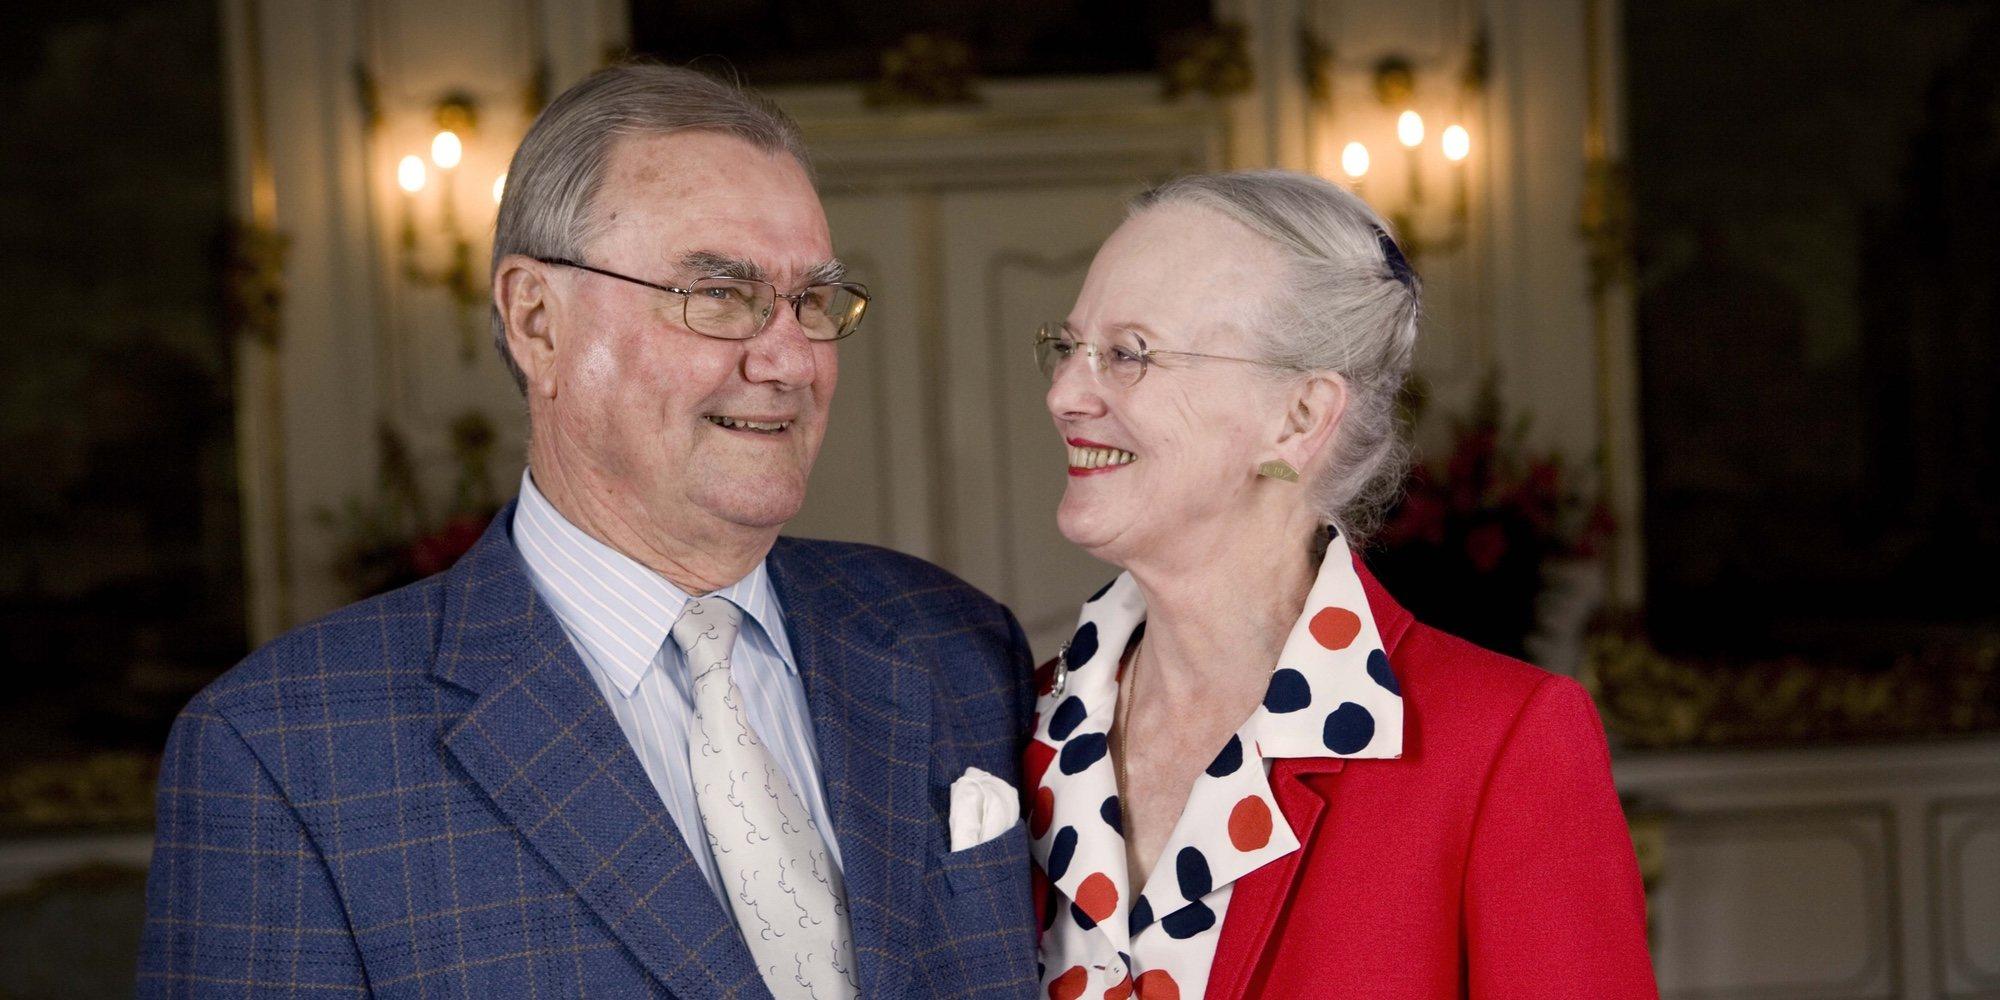 Enrique de Dinamarca, muy presente en la primera Navidad de la Familia Real Danesa tras su muerte